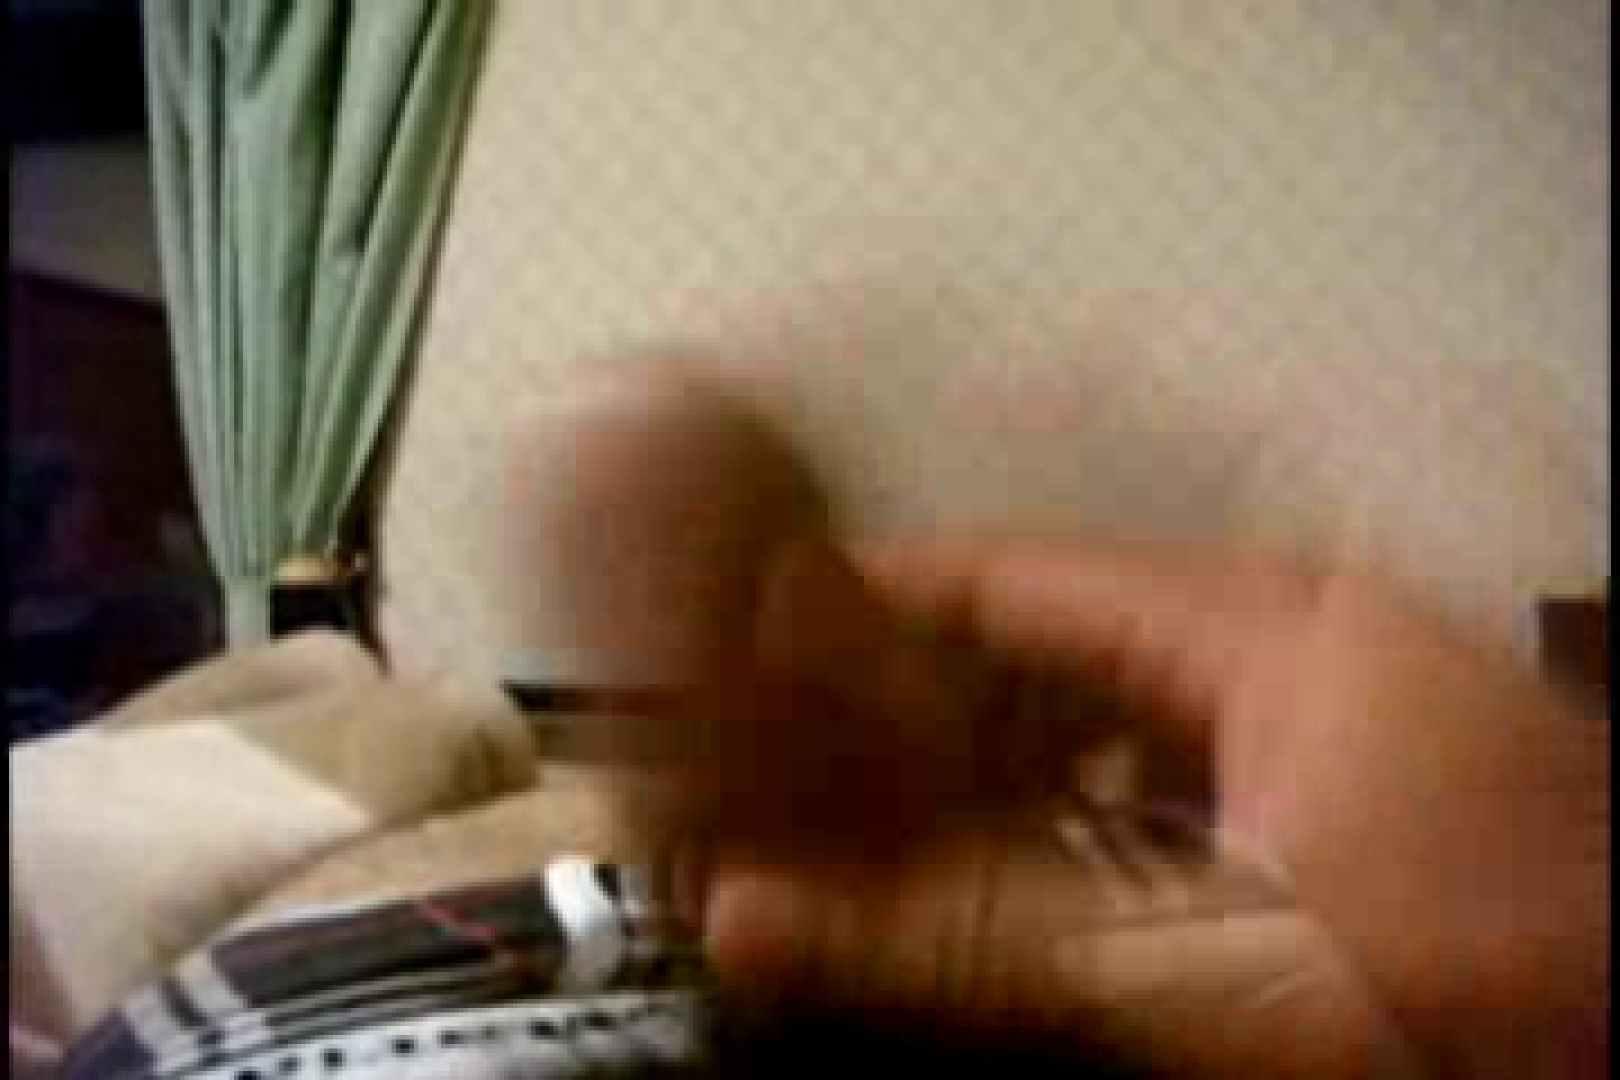 オナ好きノンケテニス部員の自画撮り投稿vol.01 ブリーフ ゲイセックス画像 82枚 5